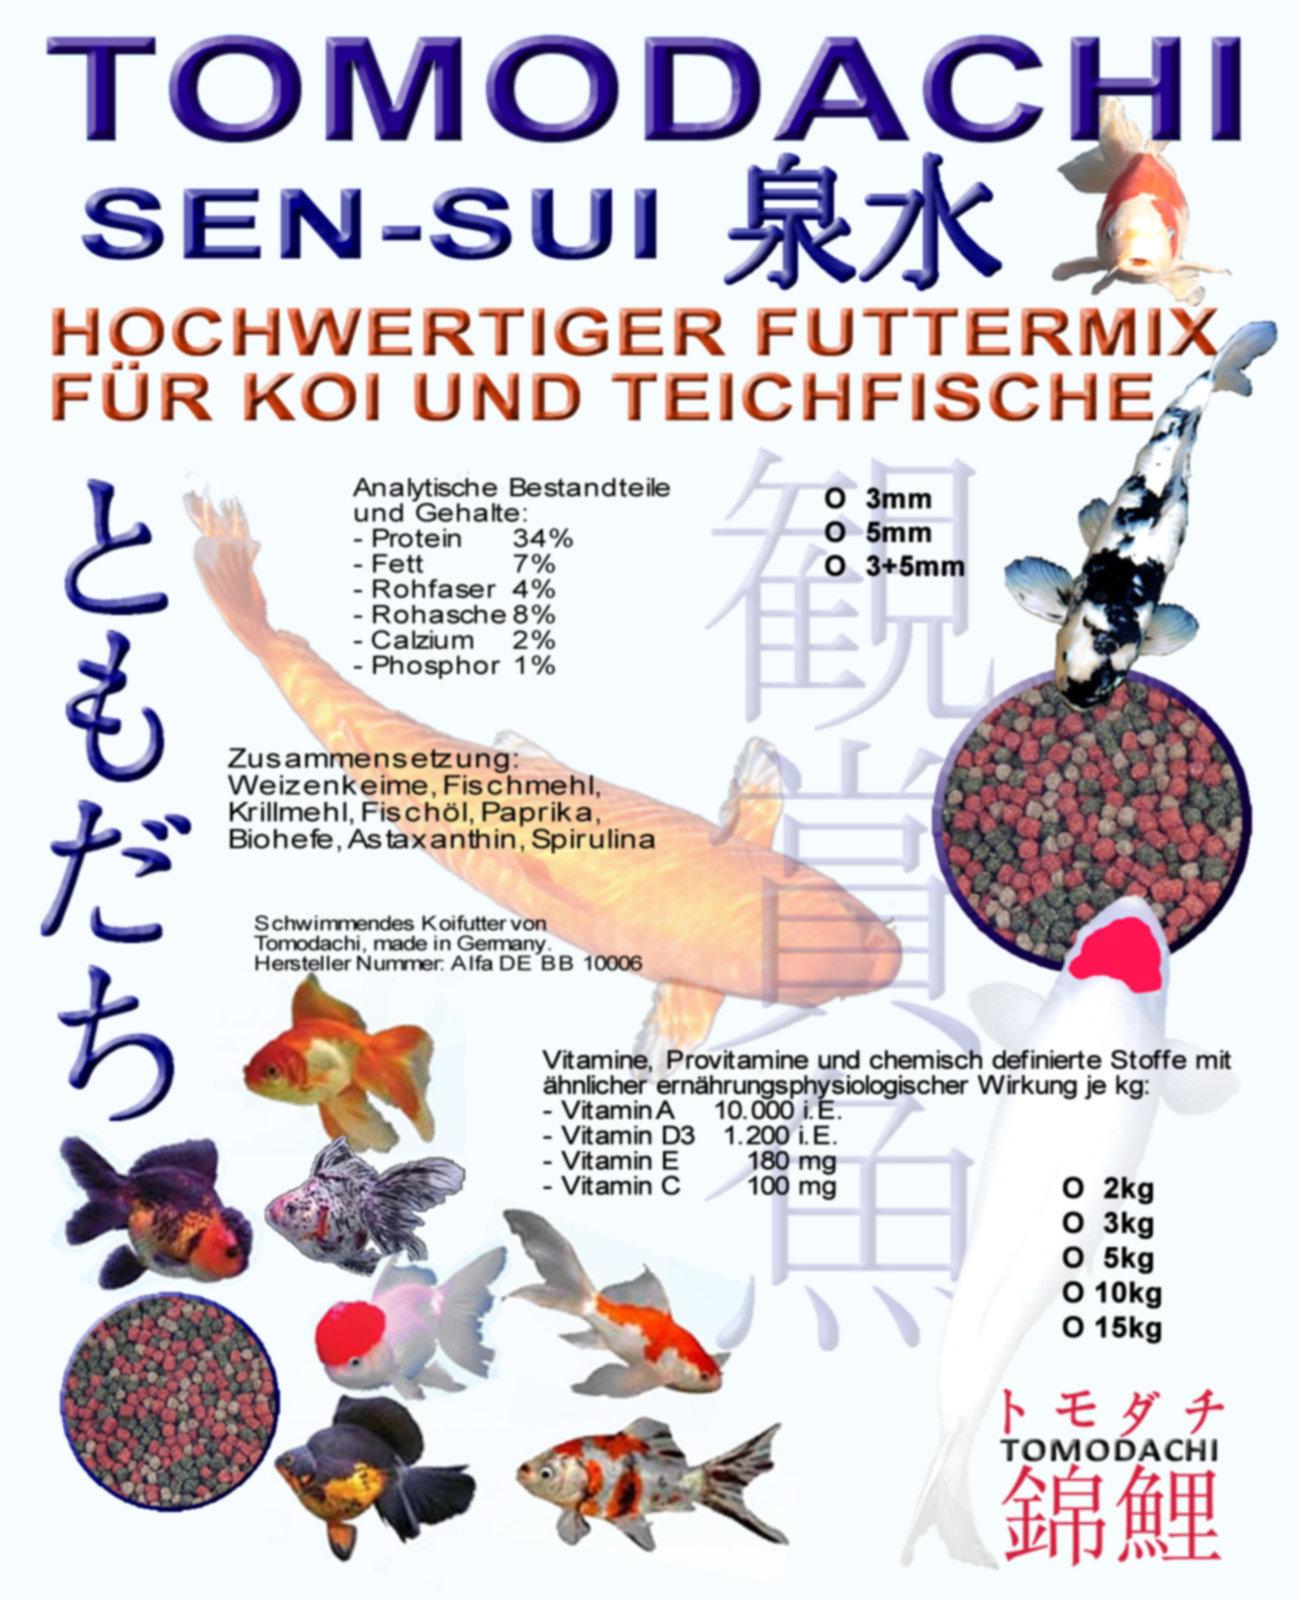 Koifuttermischung koimix premium teichfuttermix Teichfische deutschland